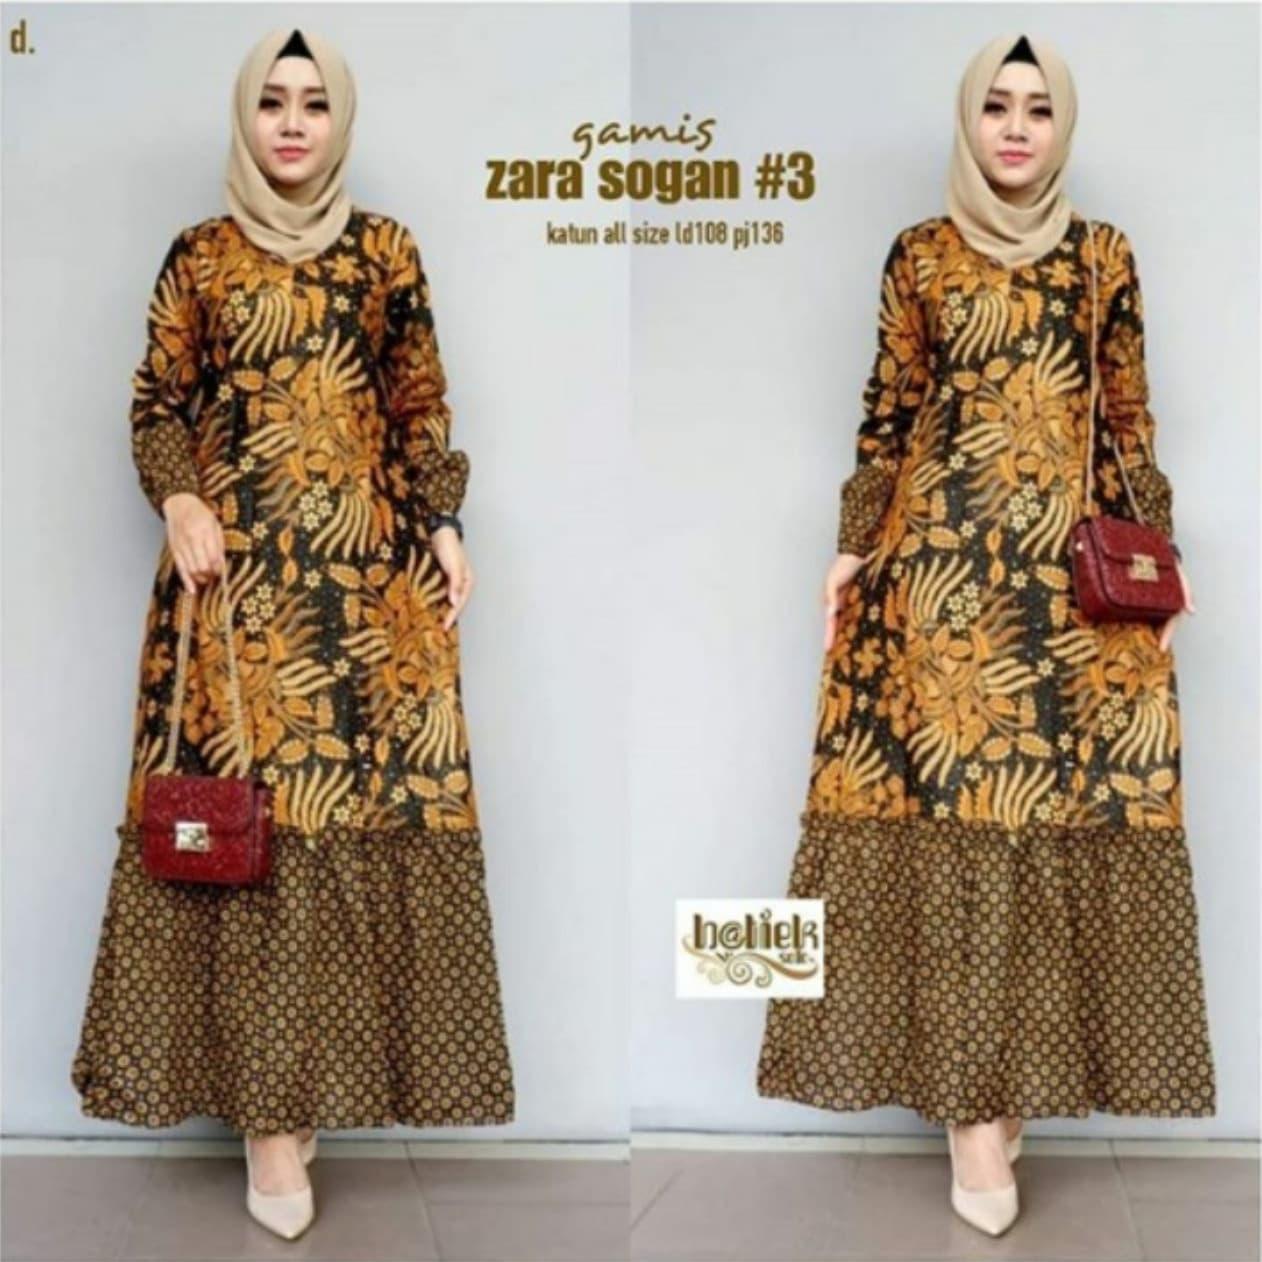 Jual Batik Rifa GBR12 Dress Batik Wanita Gamis Batik Sogan